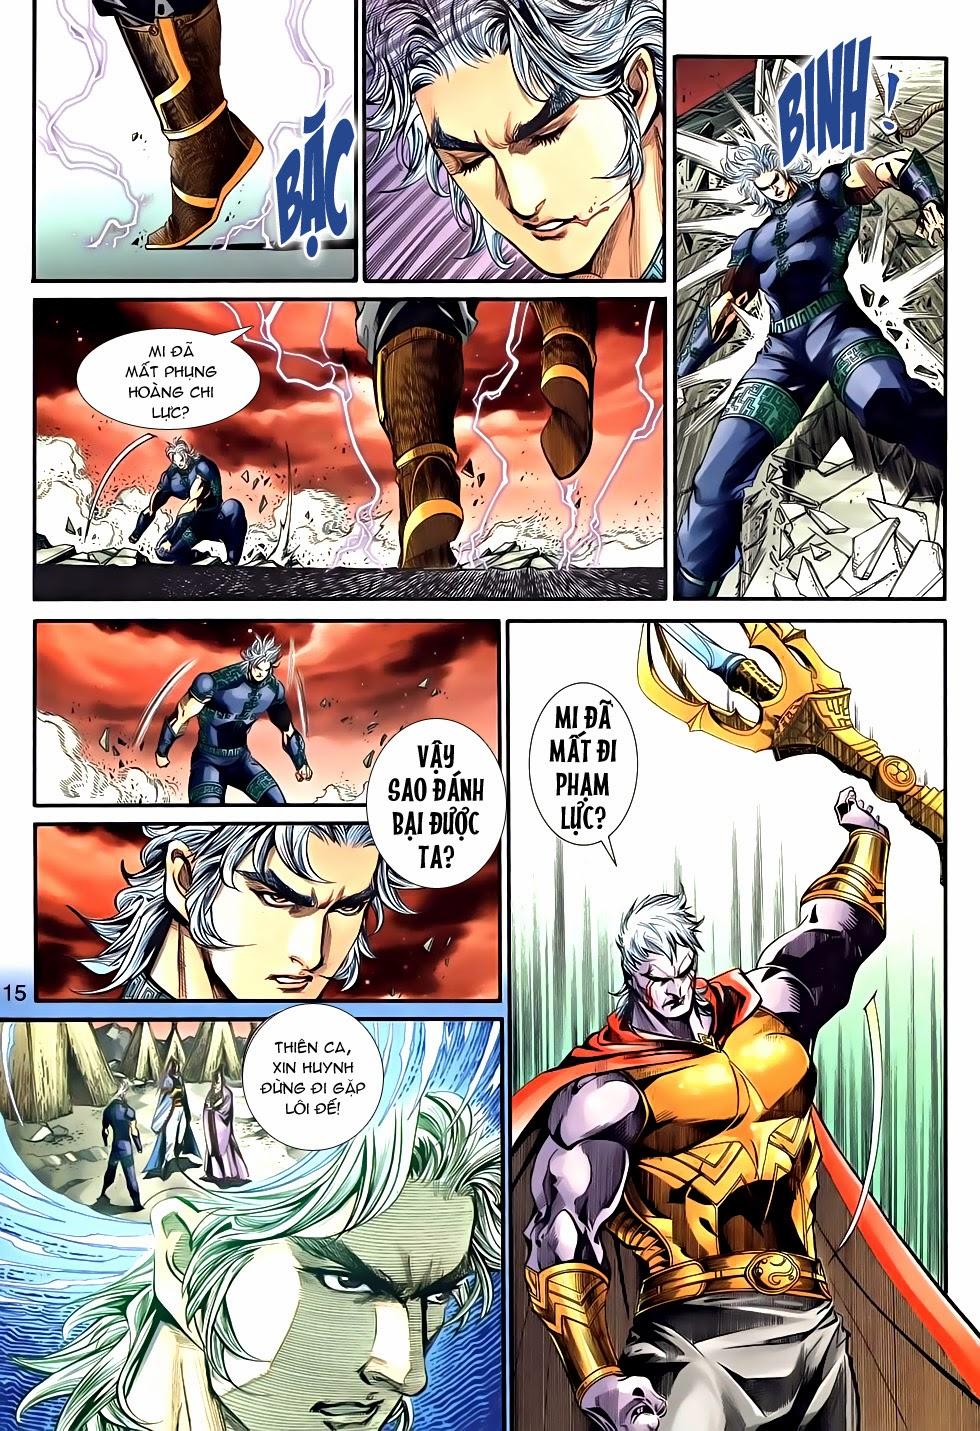 Thần Binh Tiền Truyện 2 chap 21 Trang 15 - Mangak.info